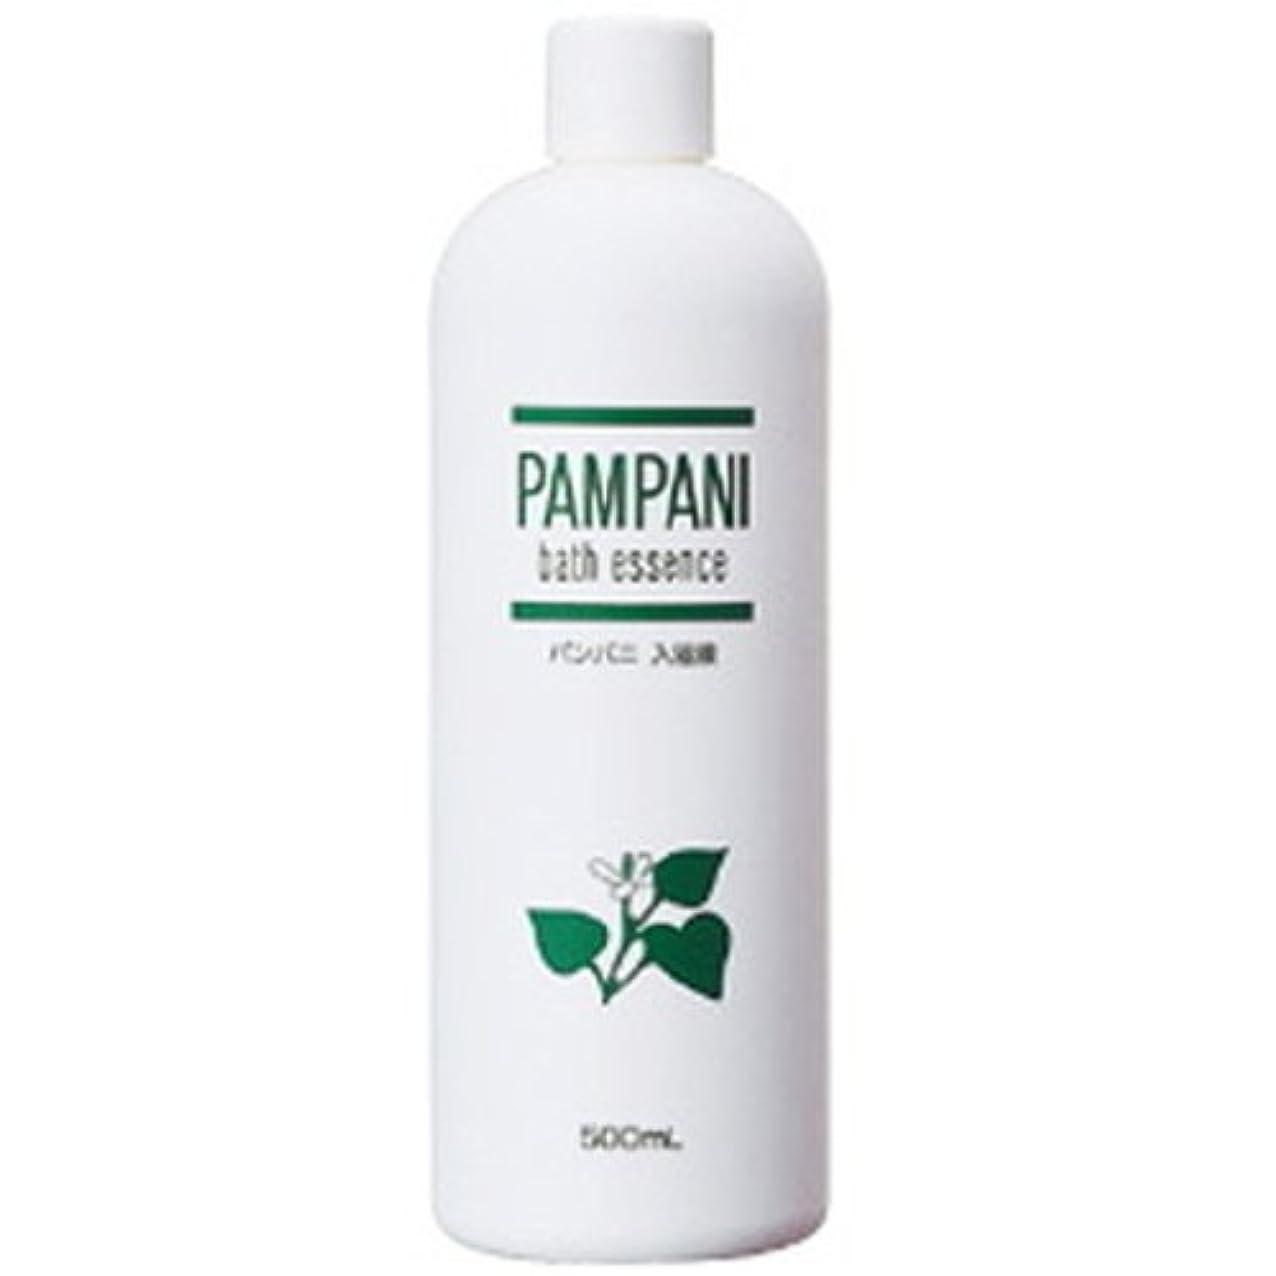 パンパニ(PAMPANI) 入浴液(希釈タイプ) 500ml